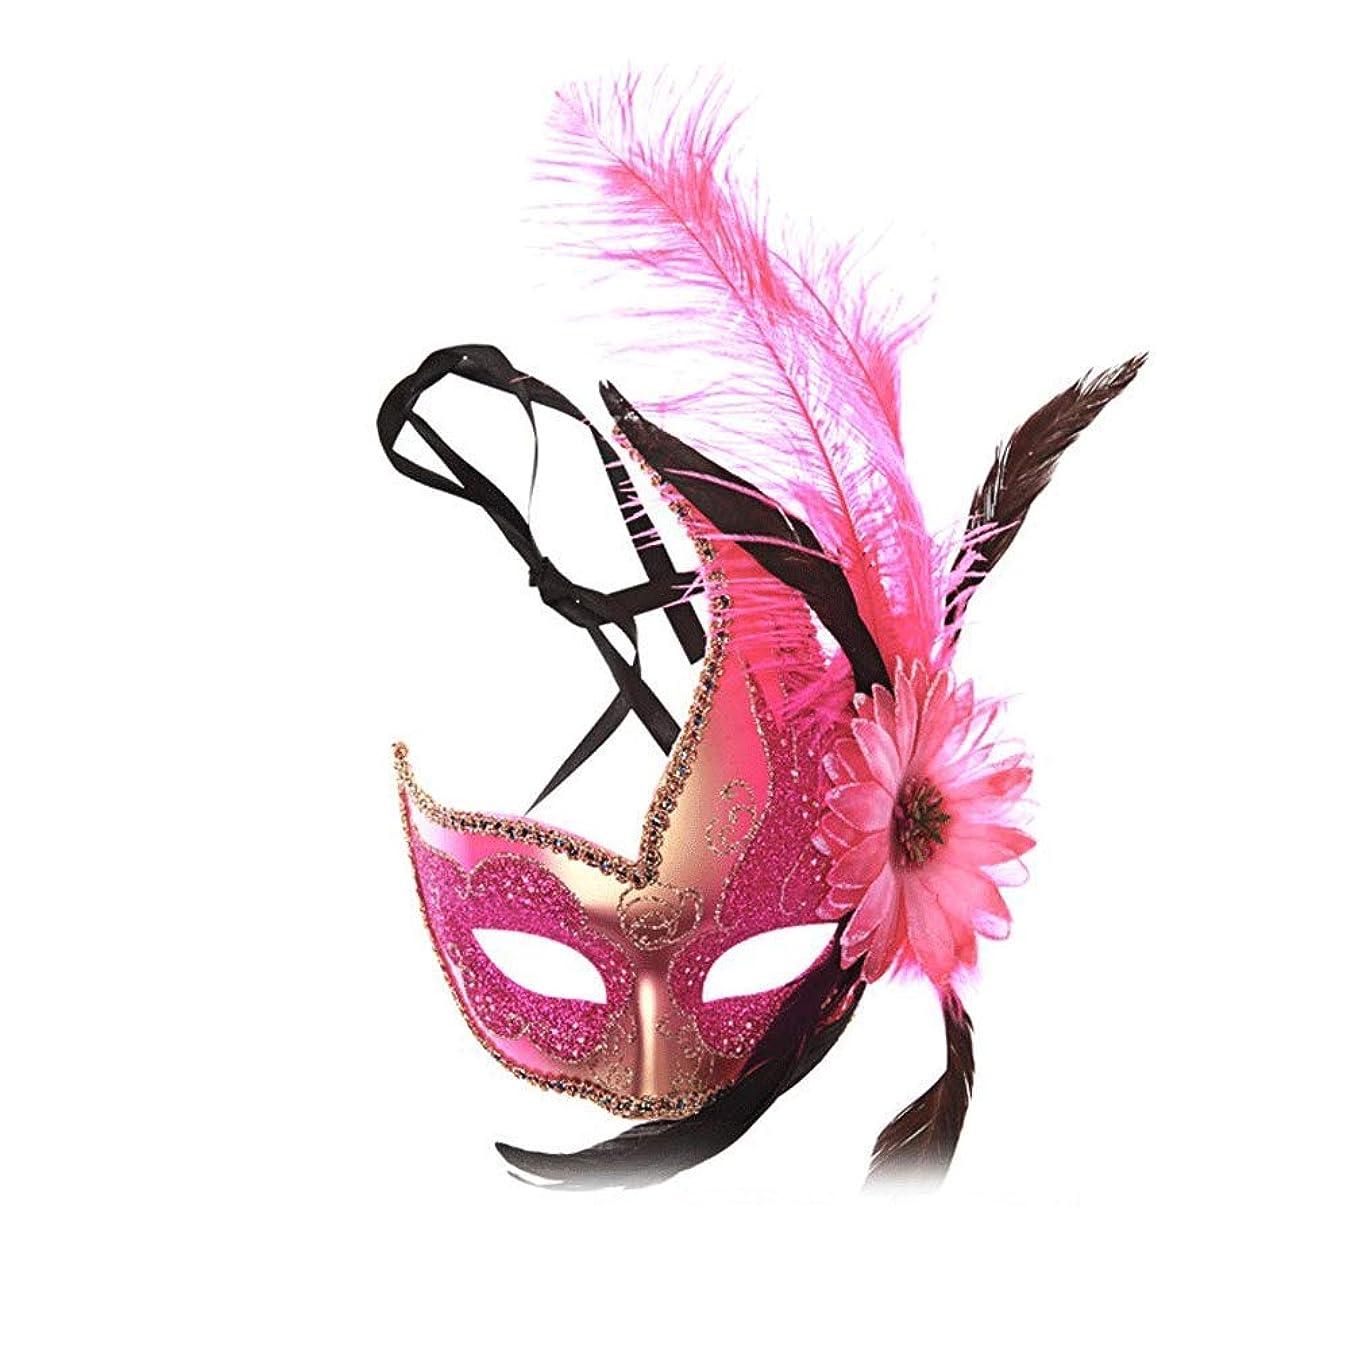 範囲バージンメアリアンジョーンズNanle ハロウィンマスクハーフフェザーマスクベニスプリンセスマスク美容レース仮面ライダーコスプレ (色 : Style B rose red)